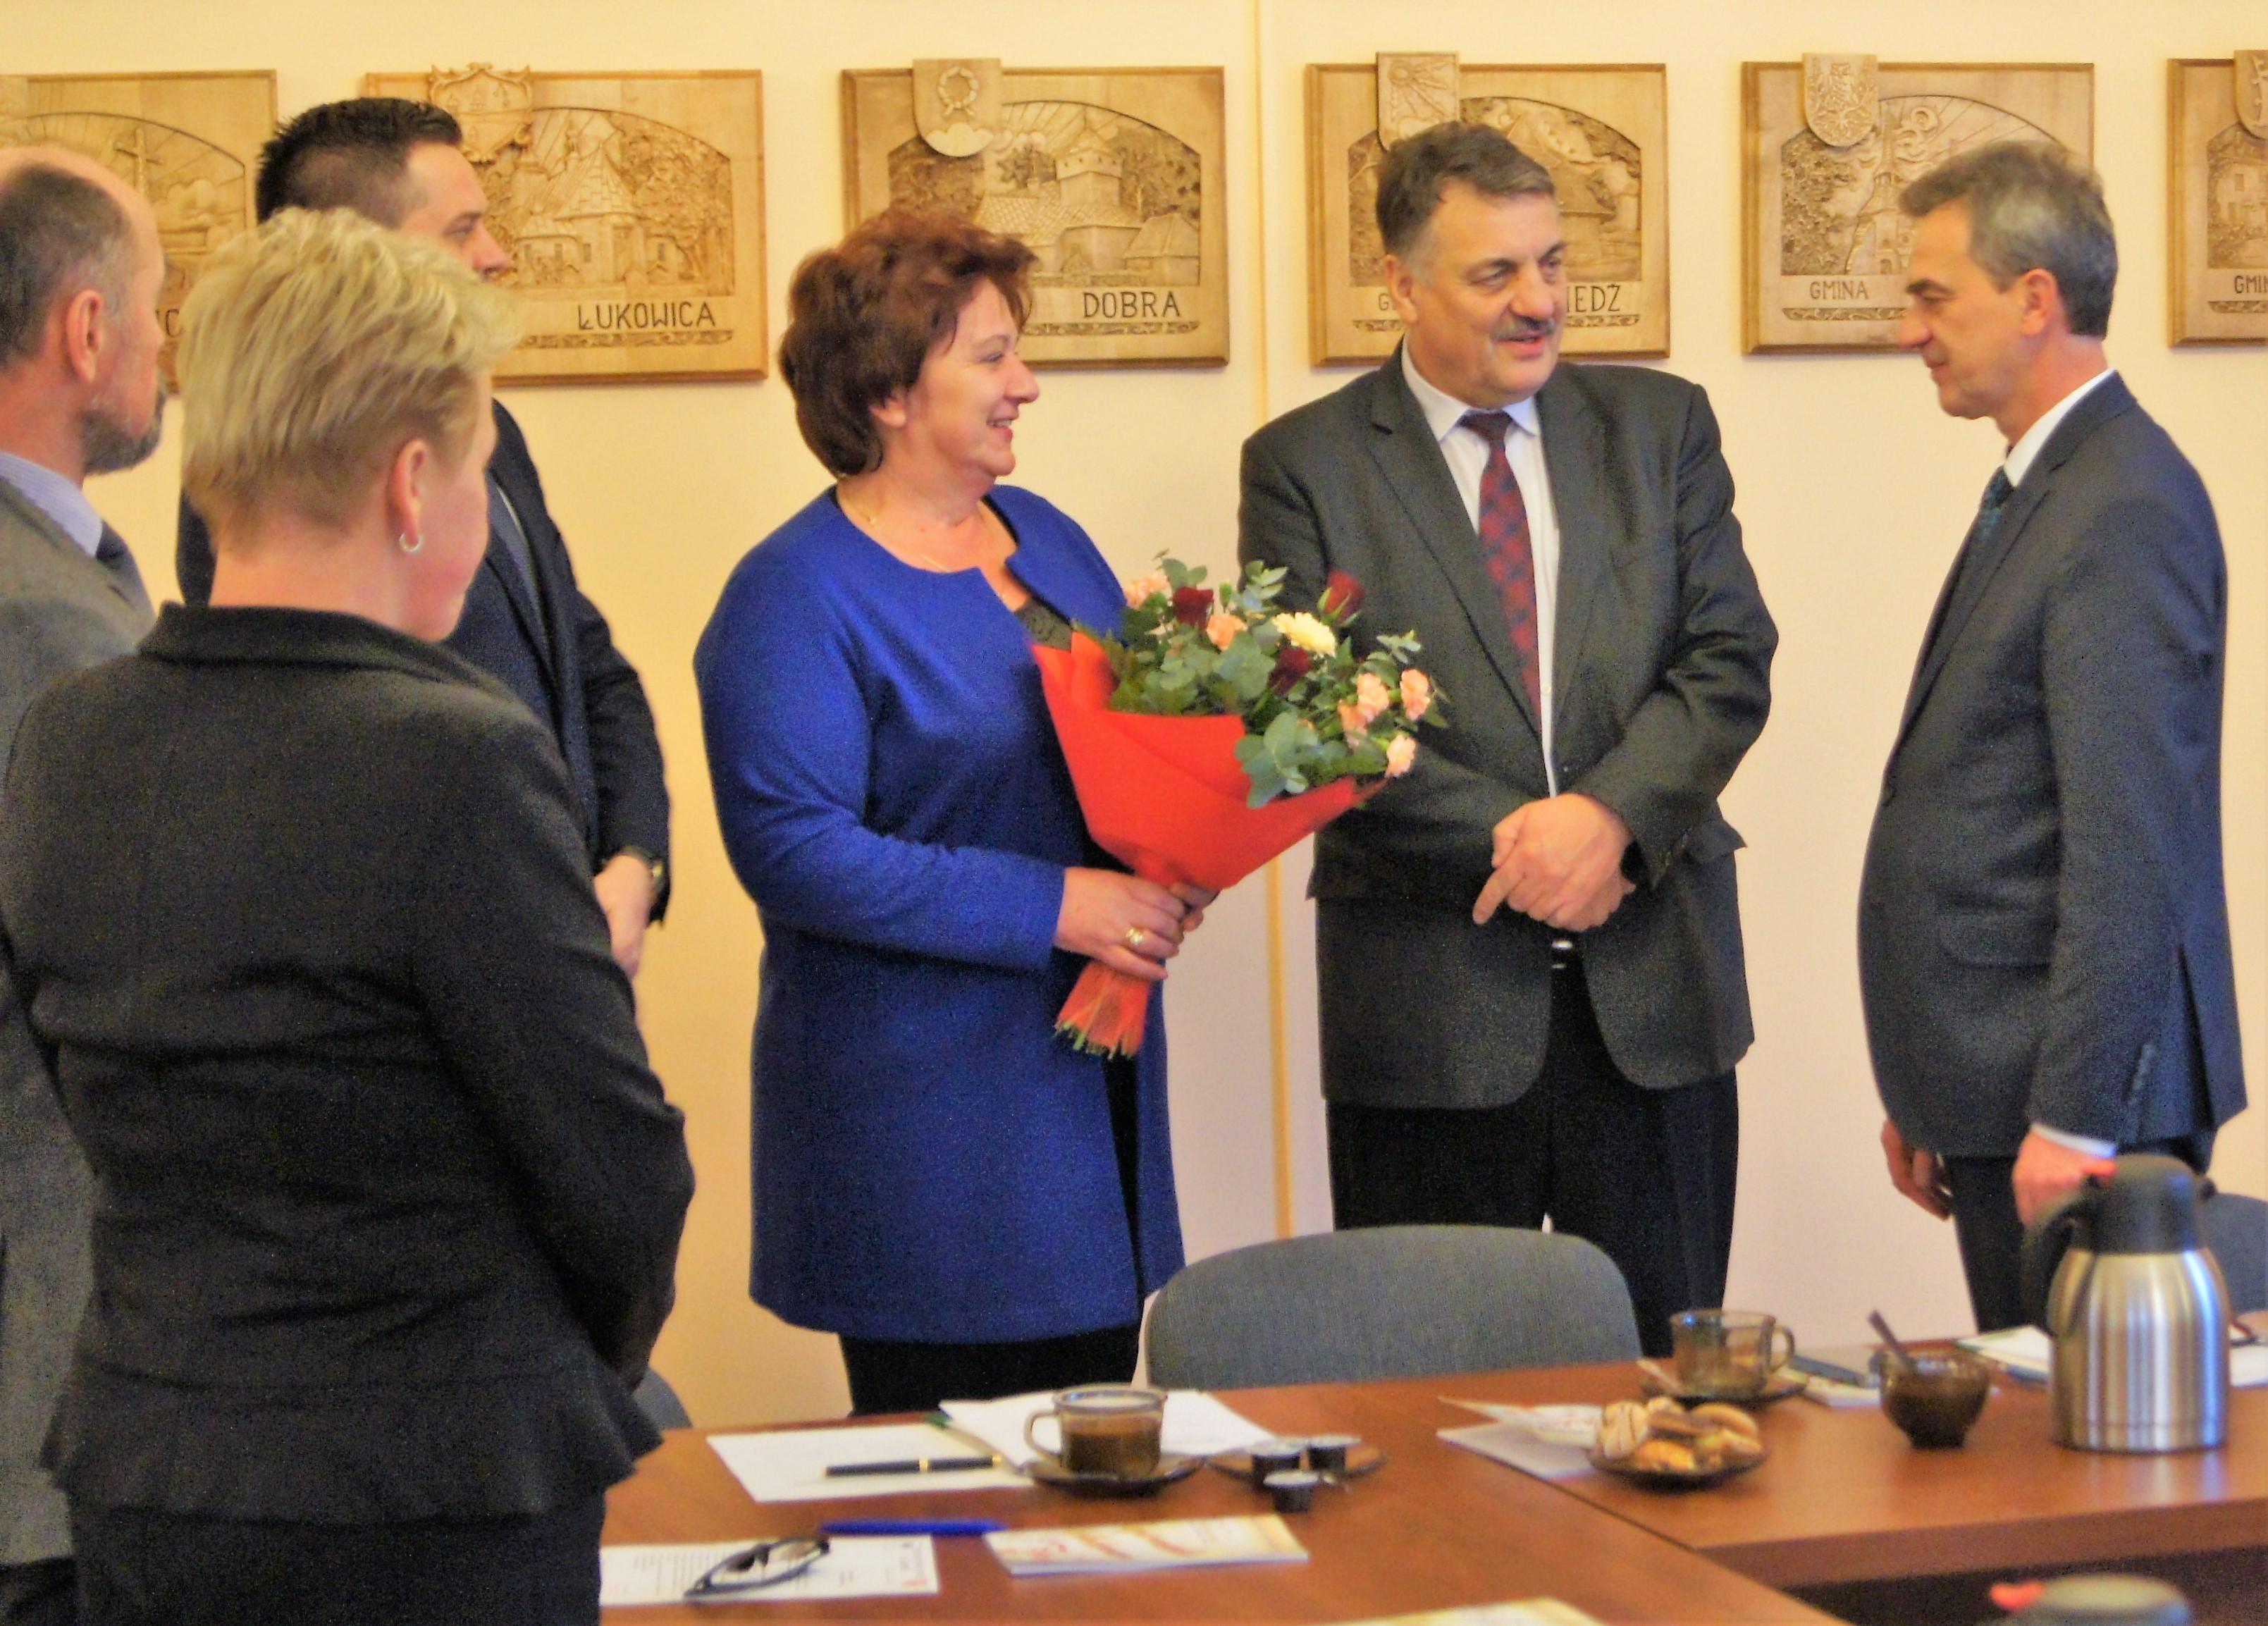 Powiatowej Rady Rynku Pracy w Limanowej oraz Powiatowego Urzędu Pracy pogratulowali Mieczysławowi Urydze objęcia stanowiska Starosty Limanowskiego